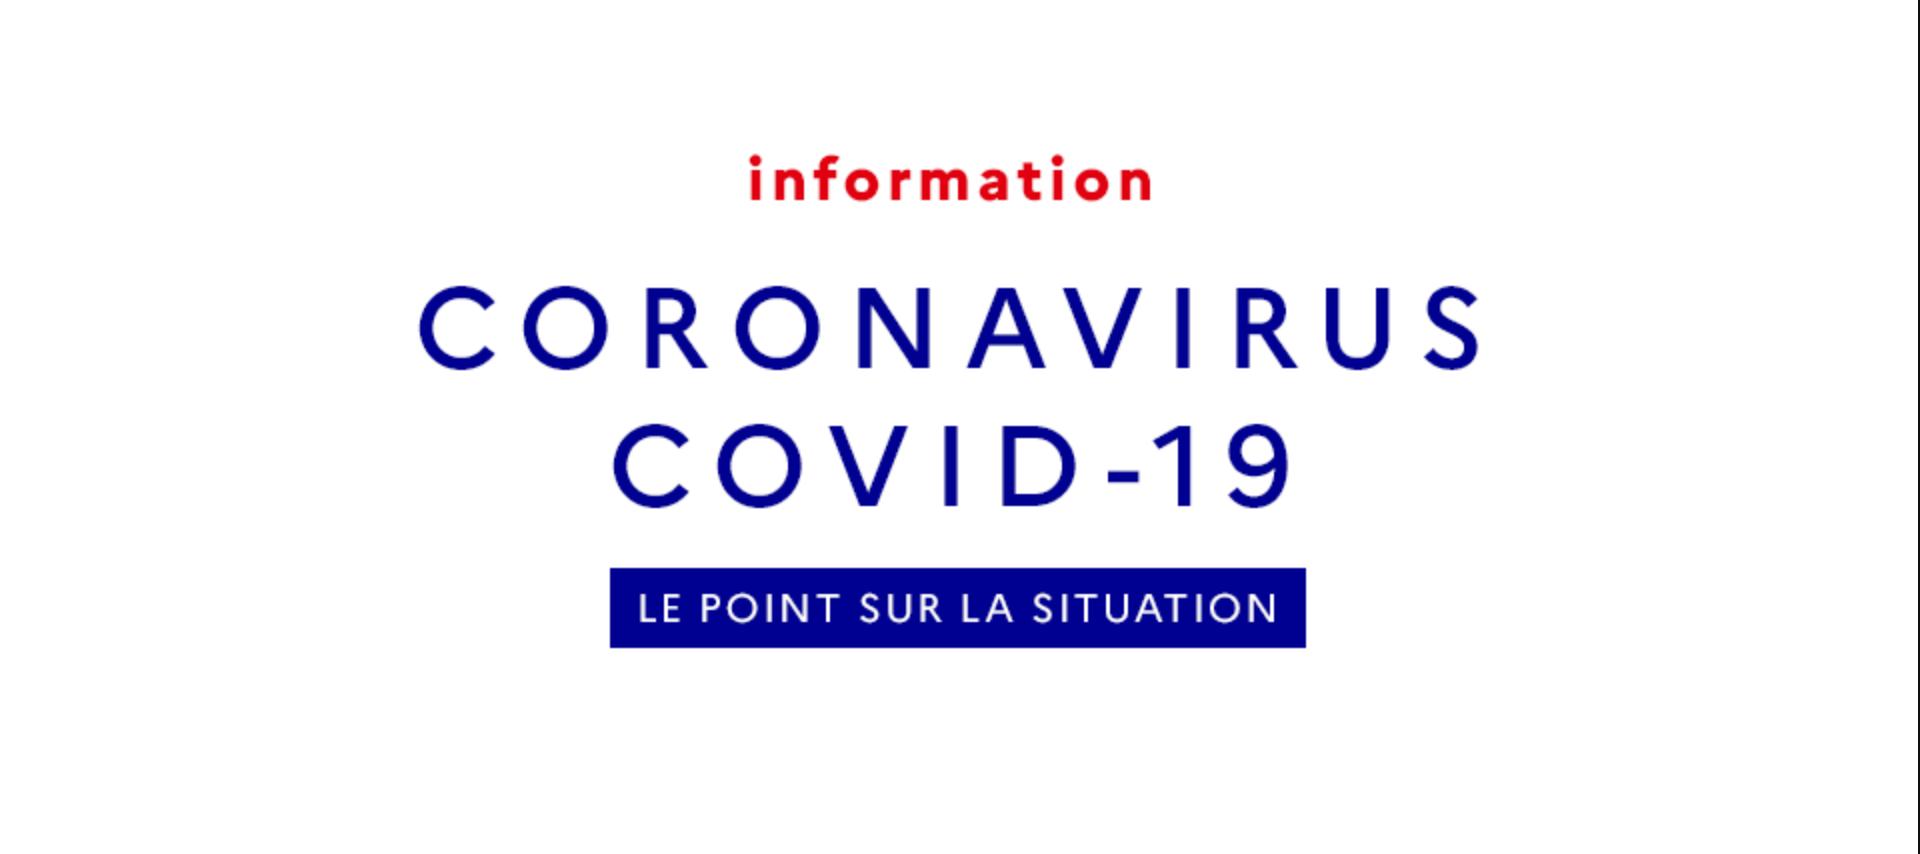 Coronavirus: quelles sont les chances de mourir si vous contractez le virus?